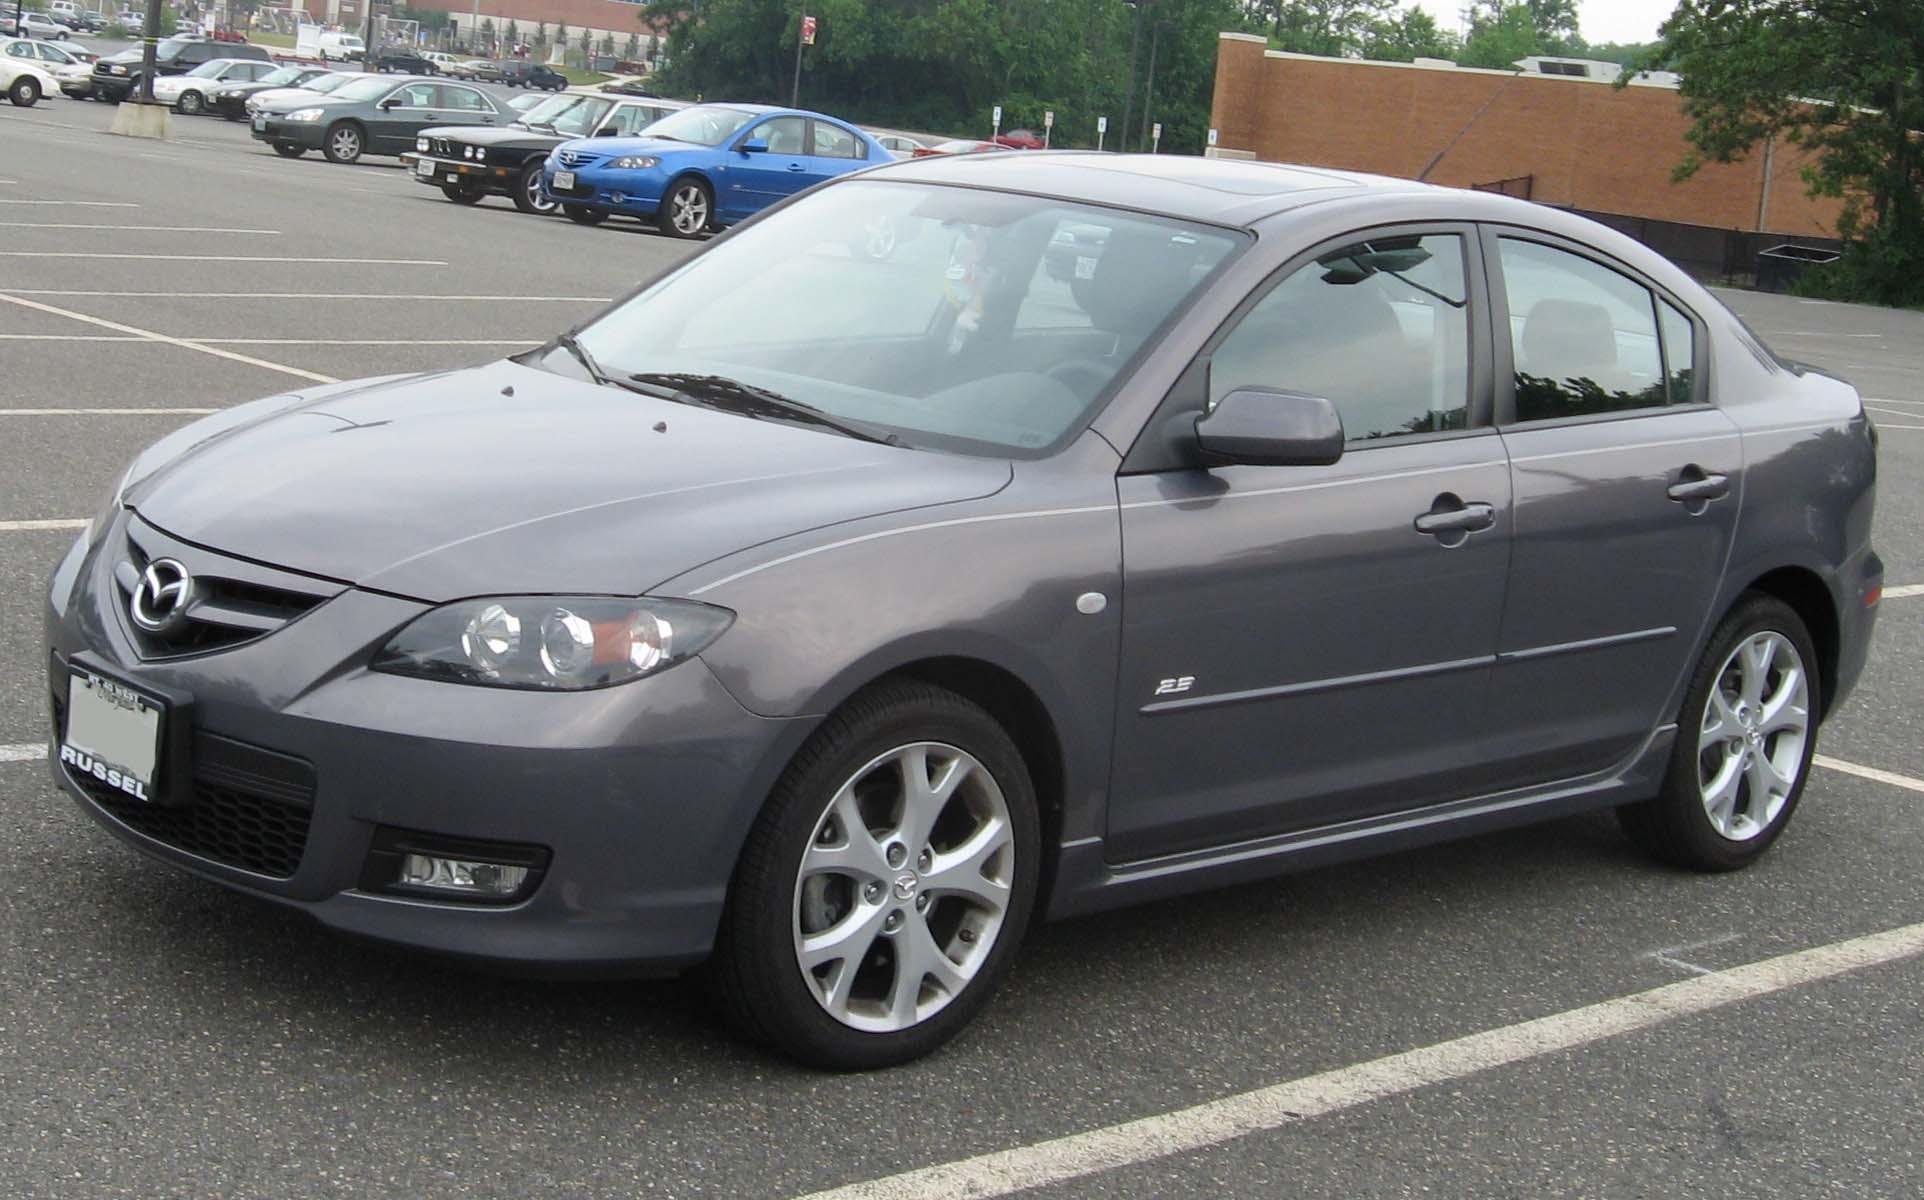 Mazda 3 Dati Tecnici Auto Auto Specifiche Informazioni Sul Consumo Di Carburante Dei Veicoli